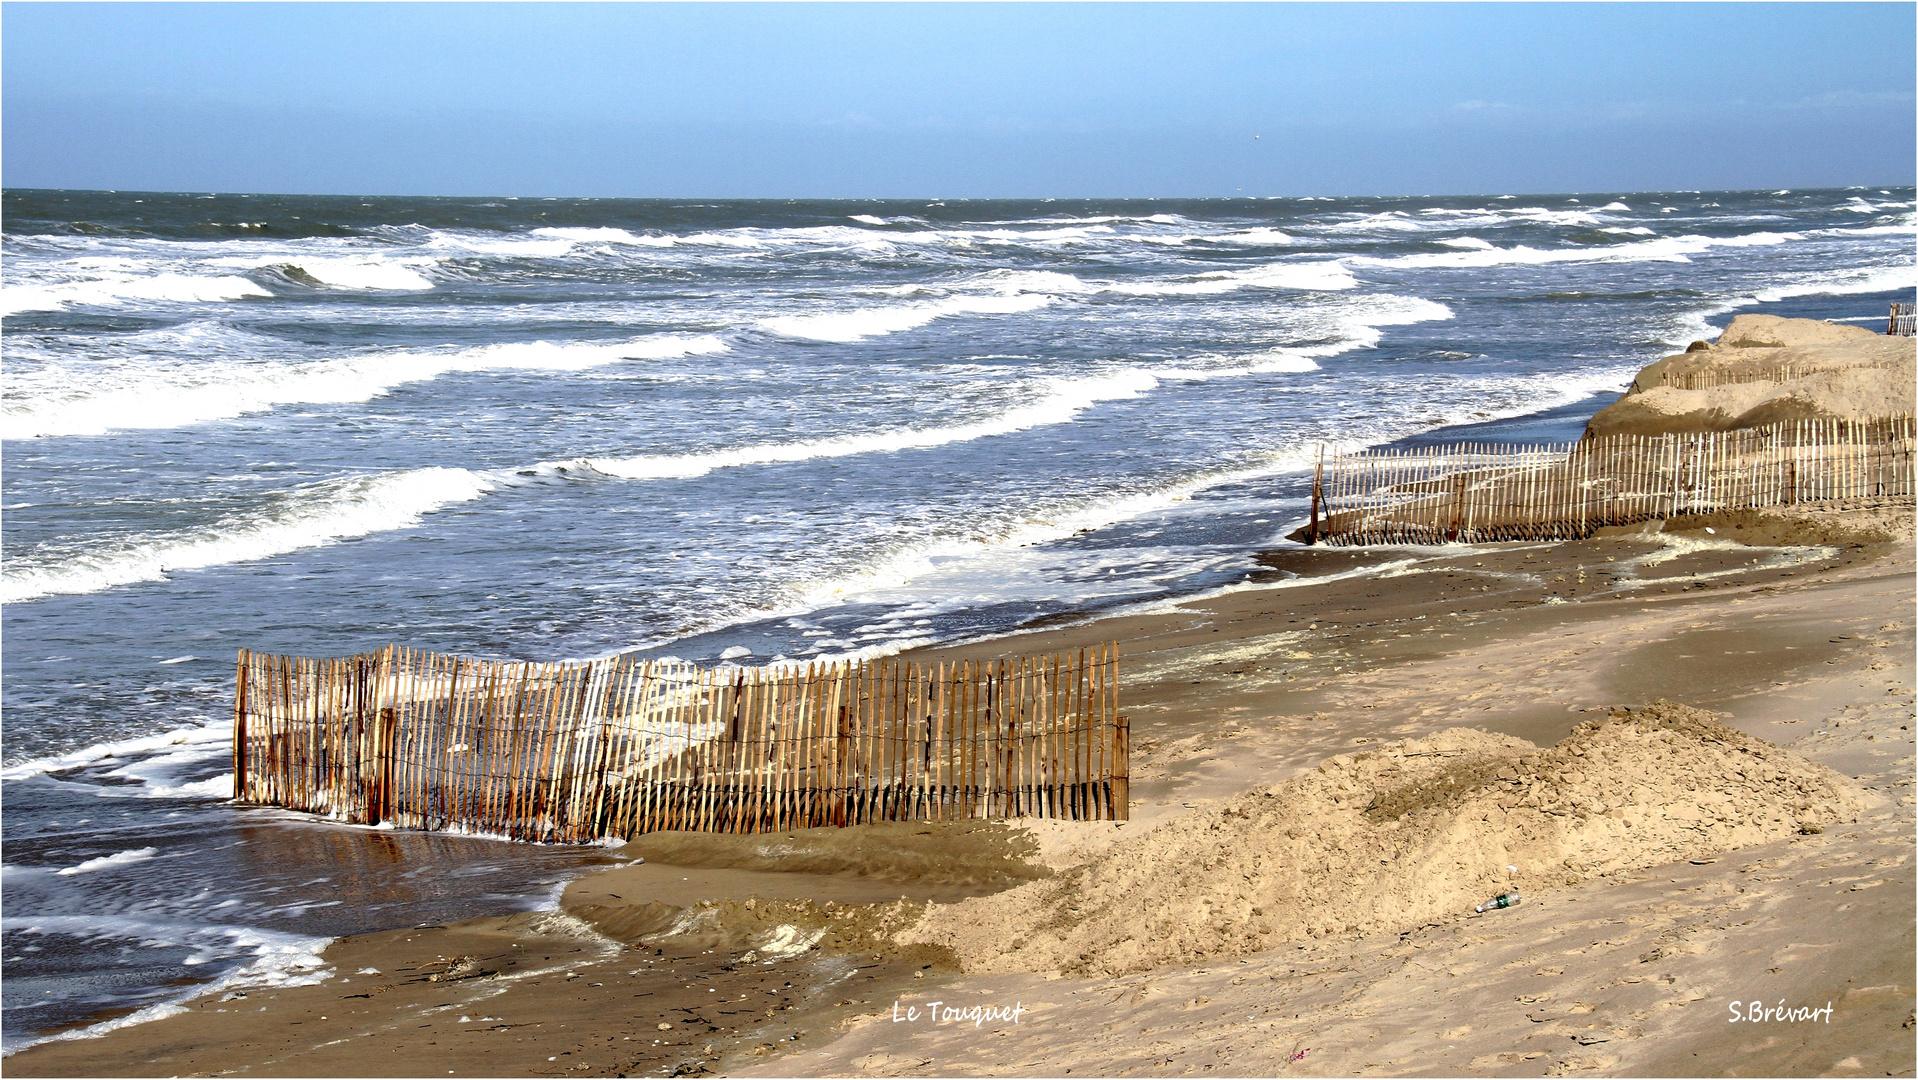 La plage du Touquet (62)